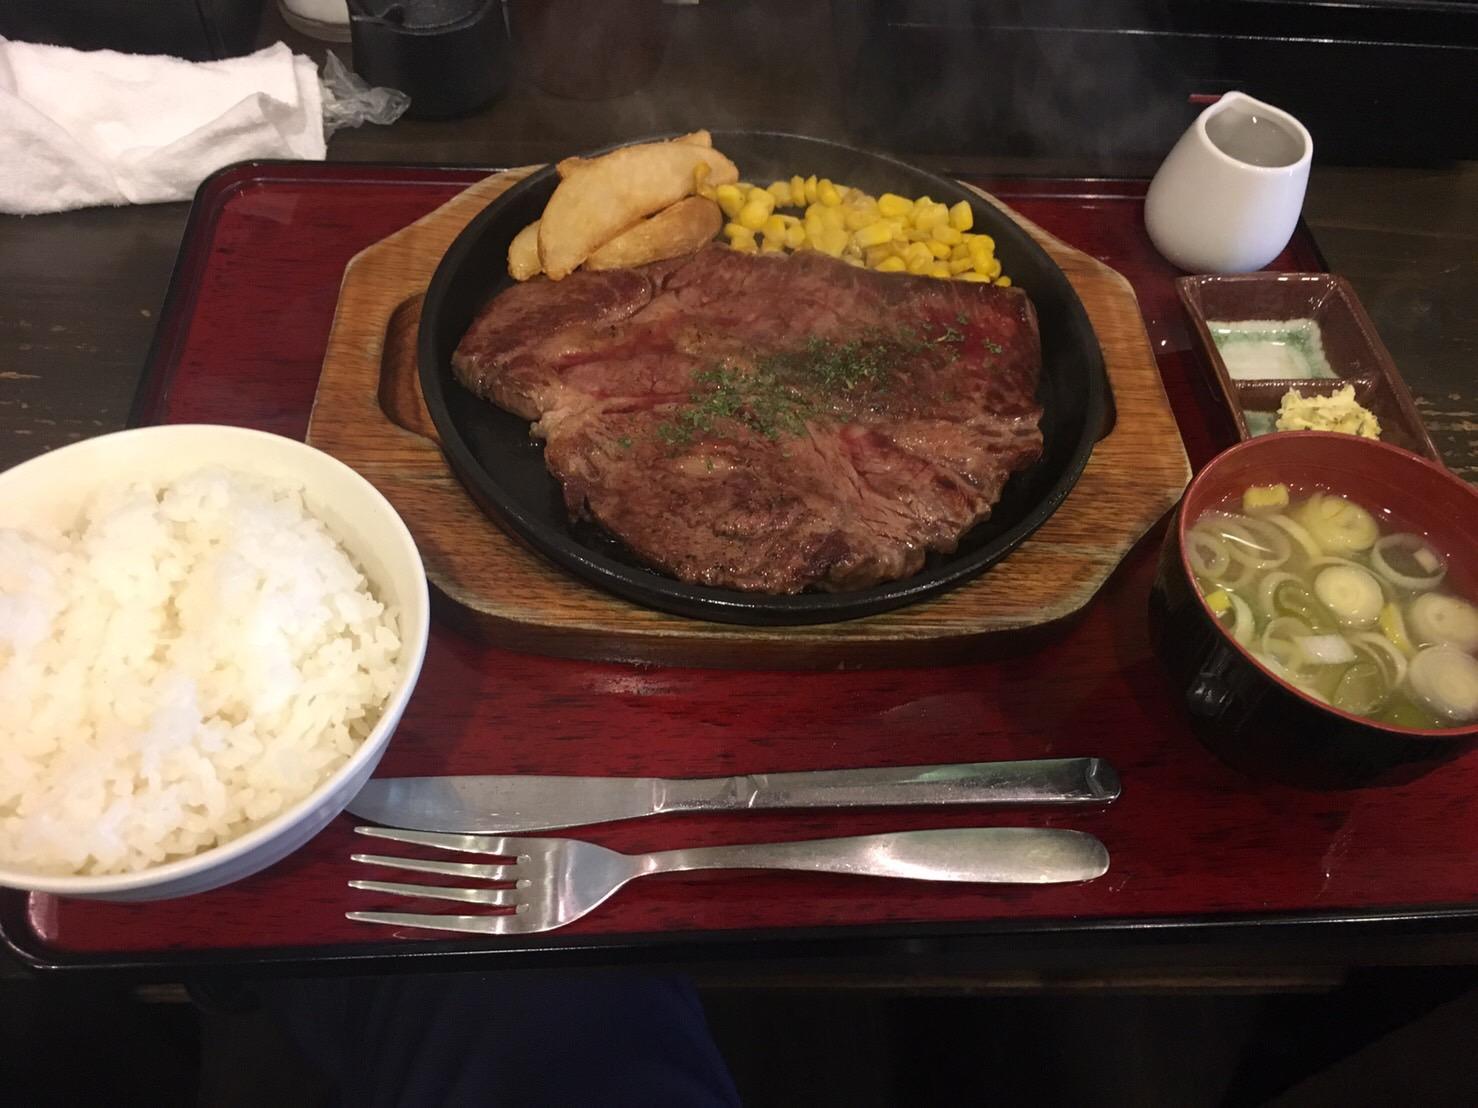 【たまやん】山鹿メニュー!お好み焼き・ステーキのお店!安くて満腹